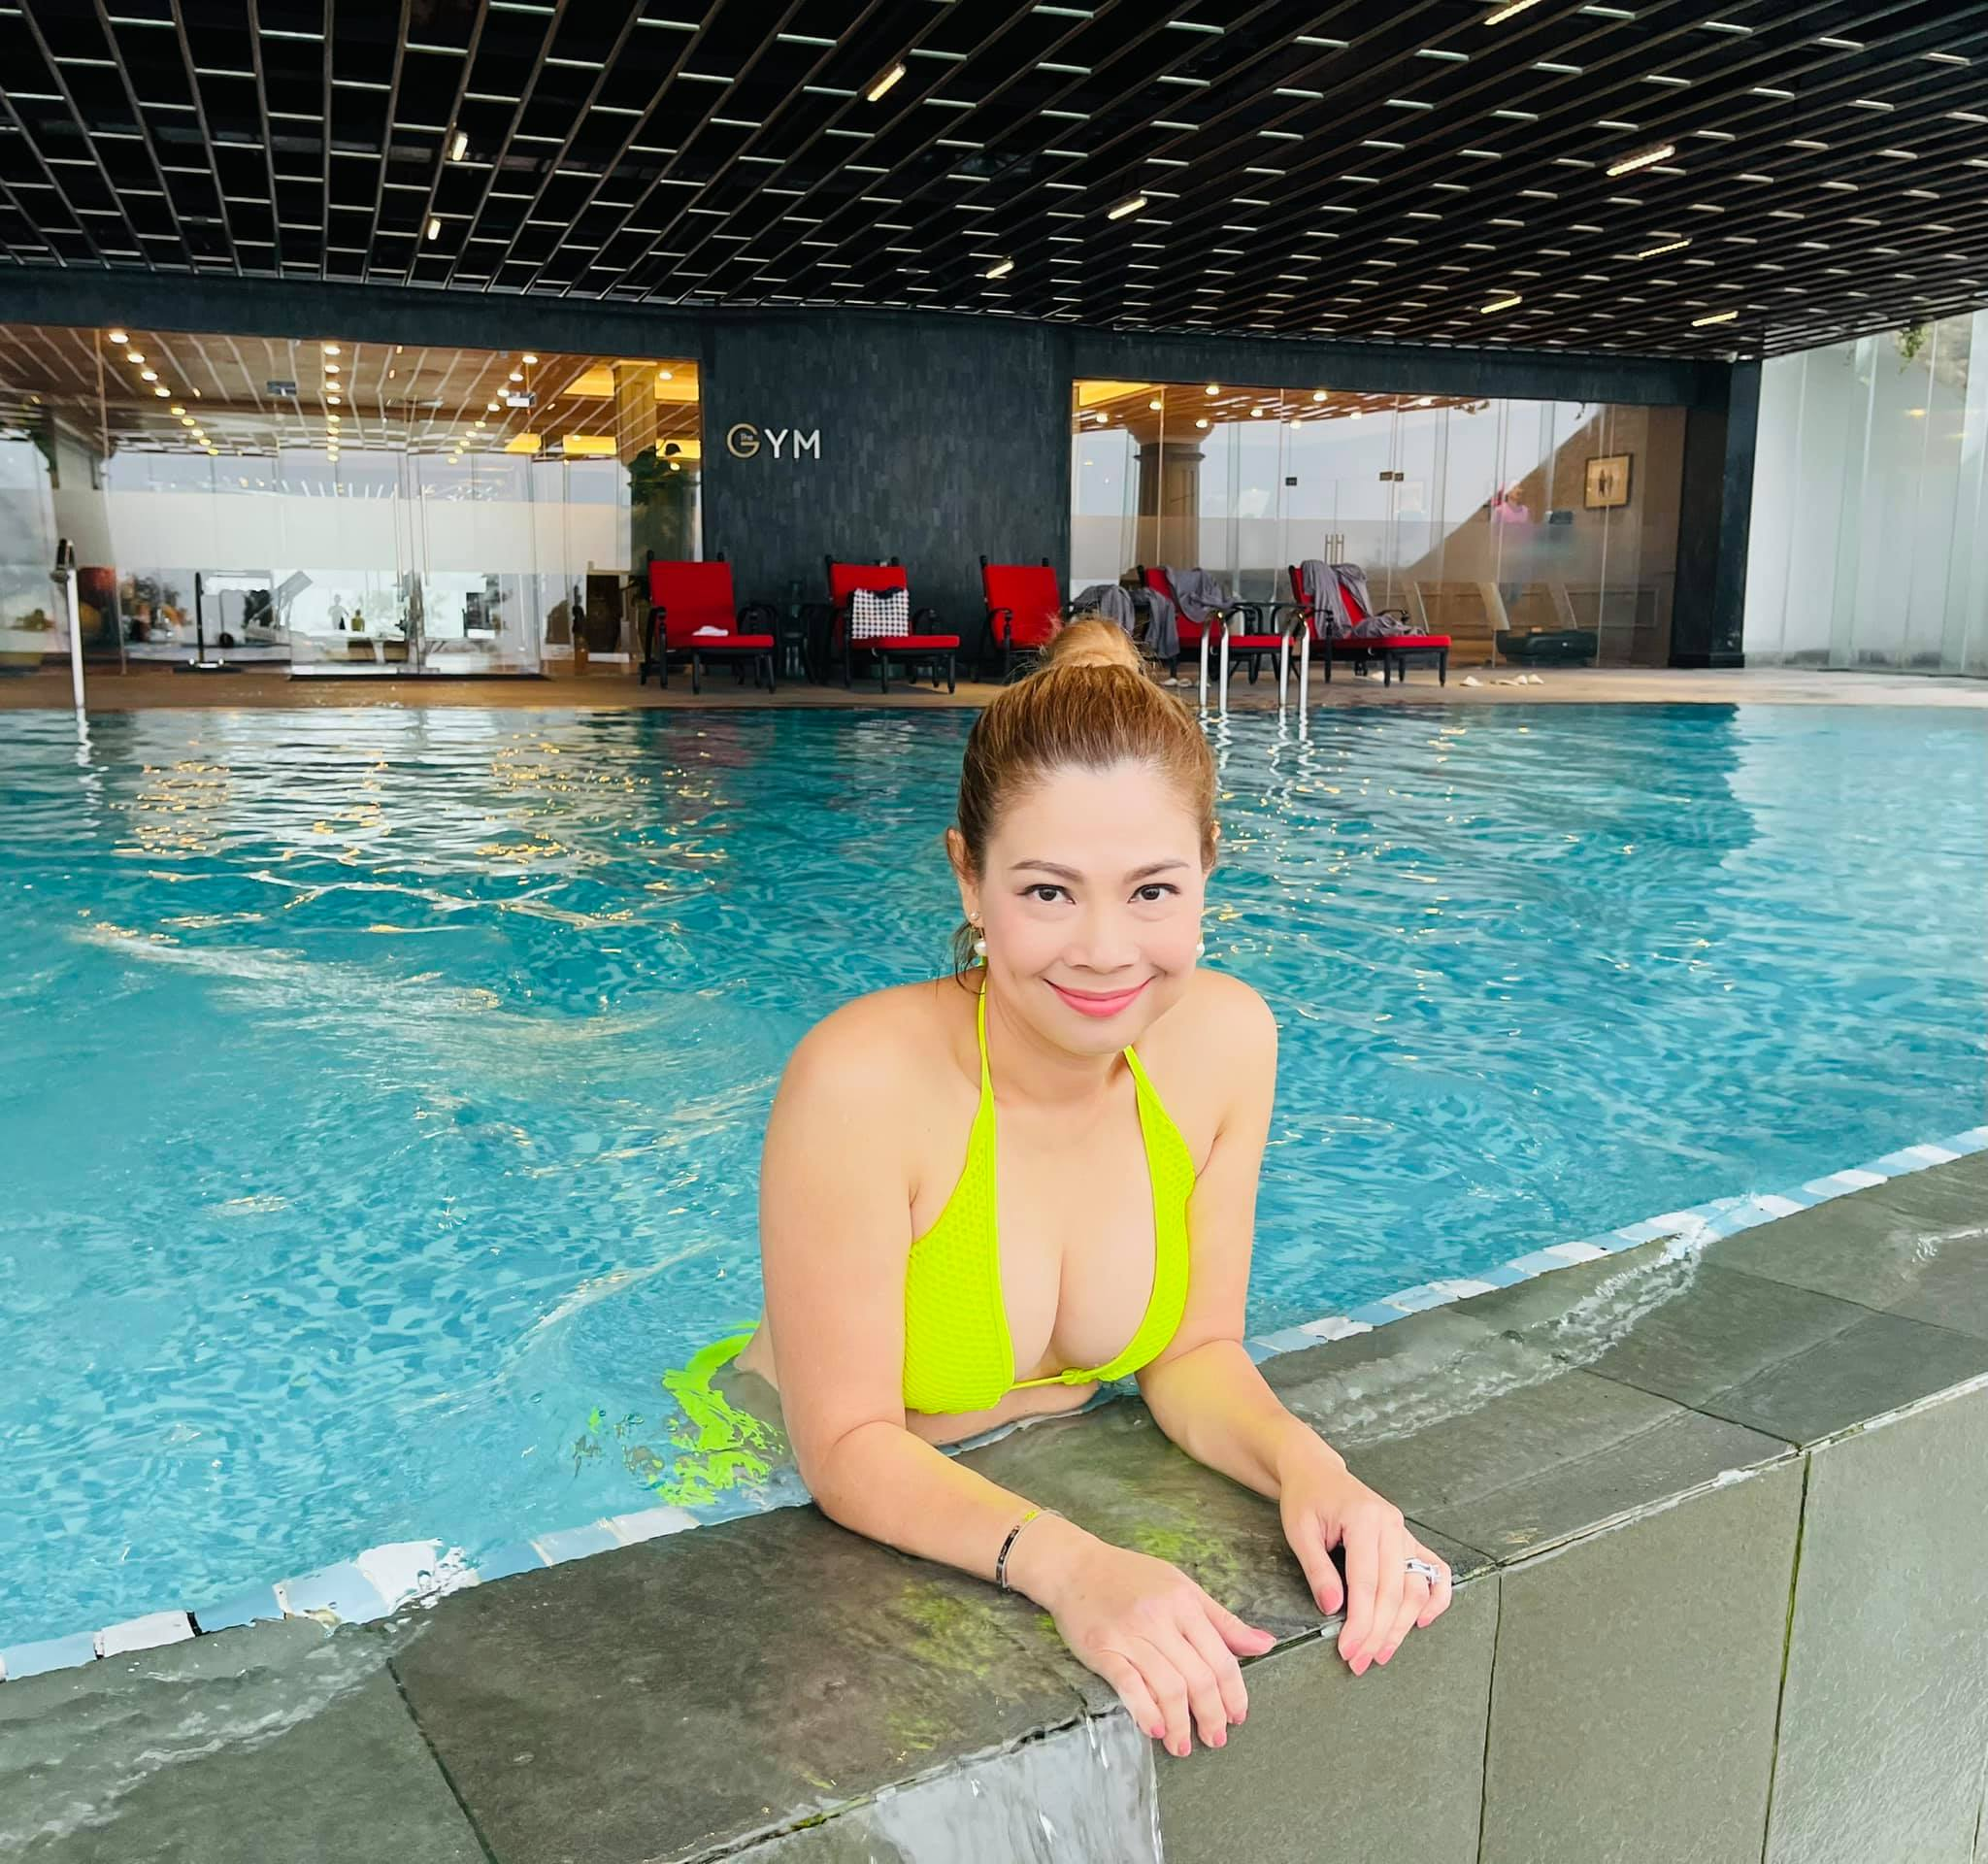 """Thanh Thảo đăng ảnh tắm bồn, bikini khoe vòng 1 ở bể bơi gây """"nghẽn mạng"""" - 3"""